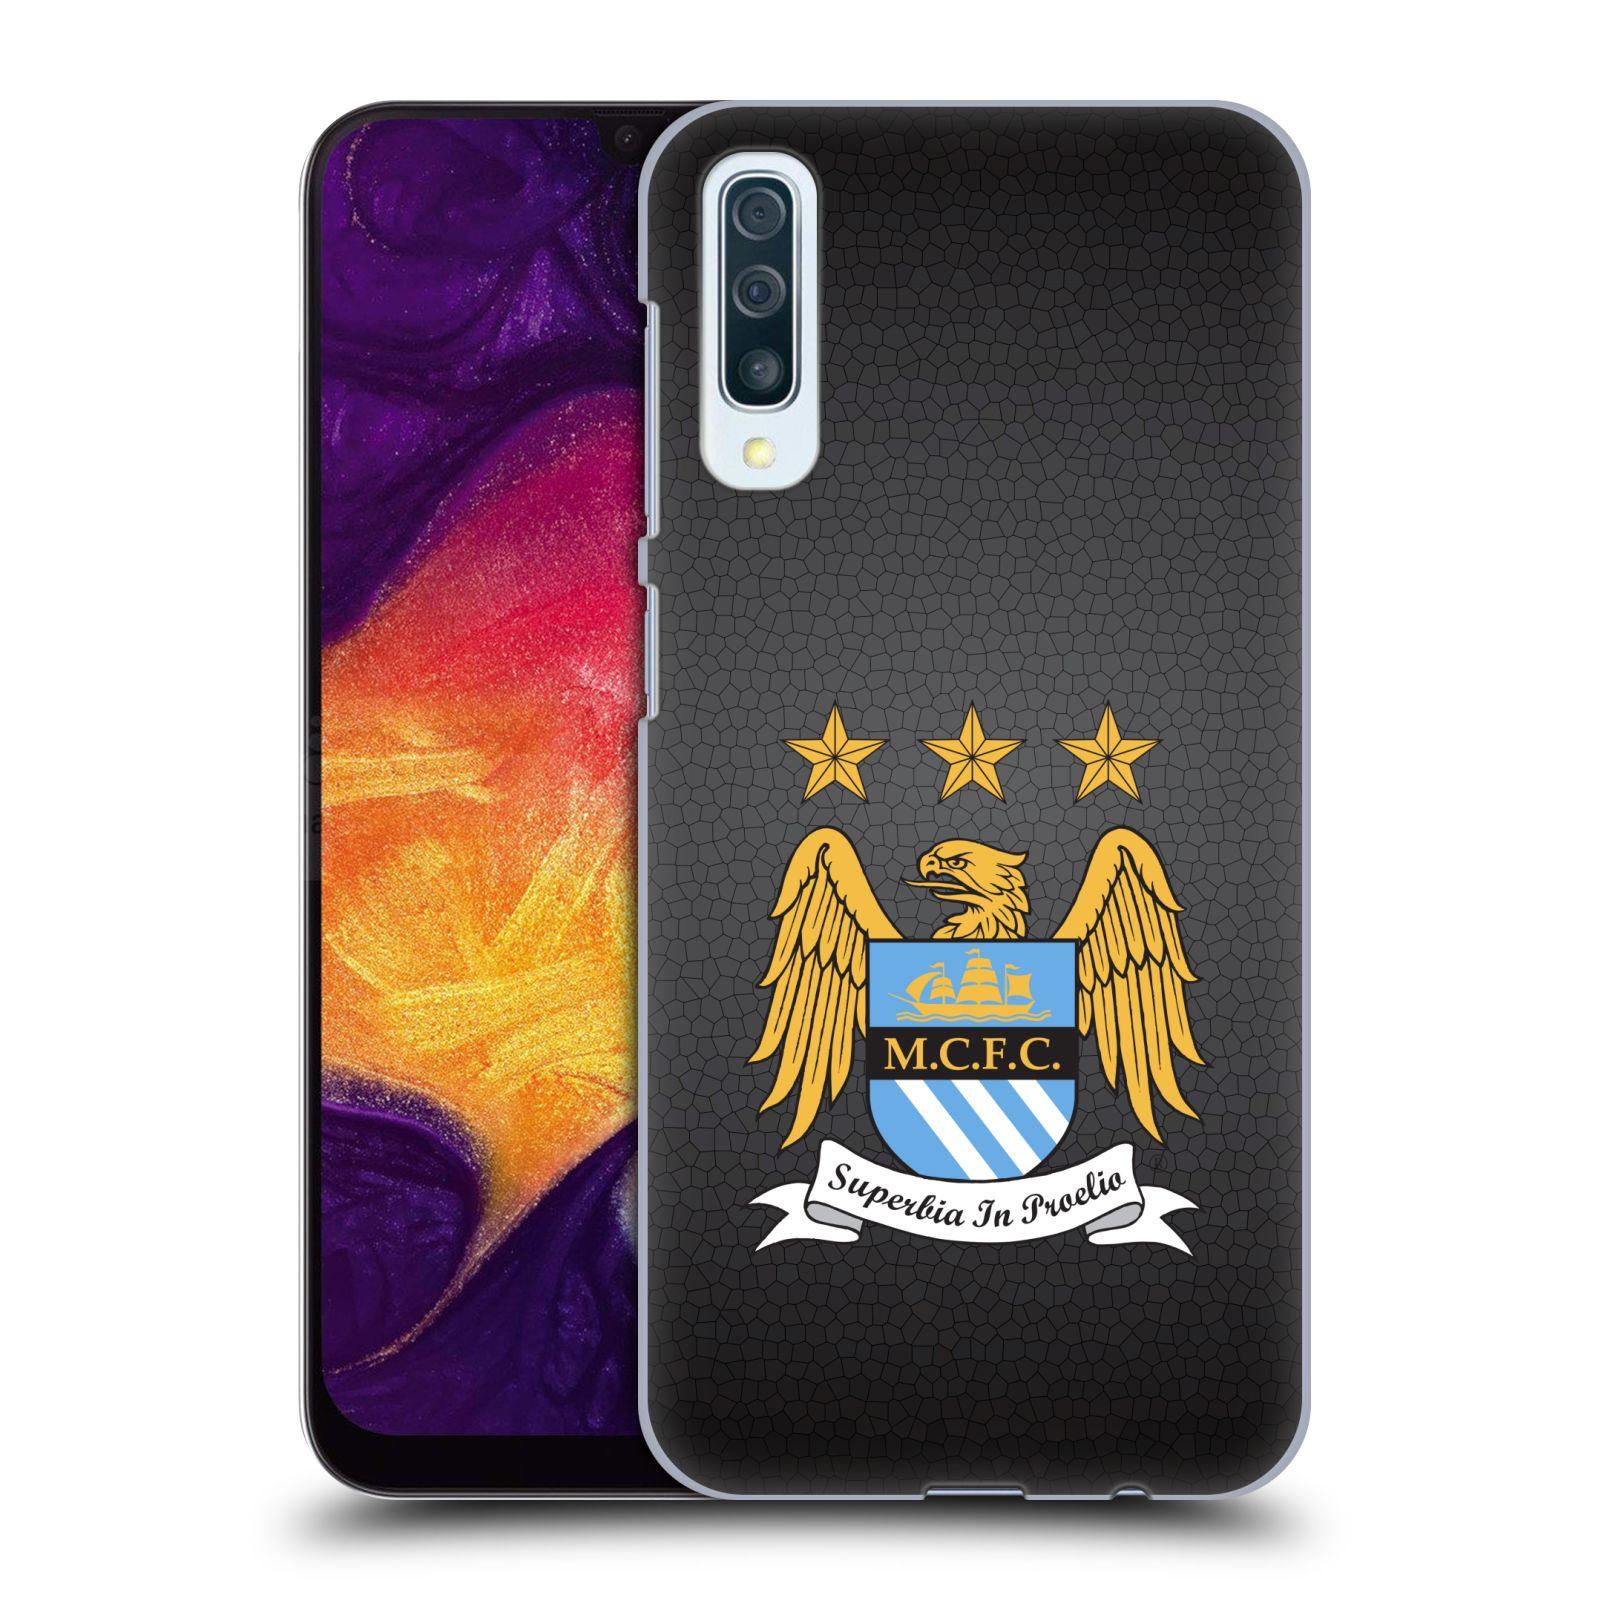 Plastové pouzdro na mobil Samsung Galaxy A50 - Head Case - Manchester City FC - Superbia In Proelio